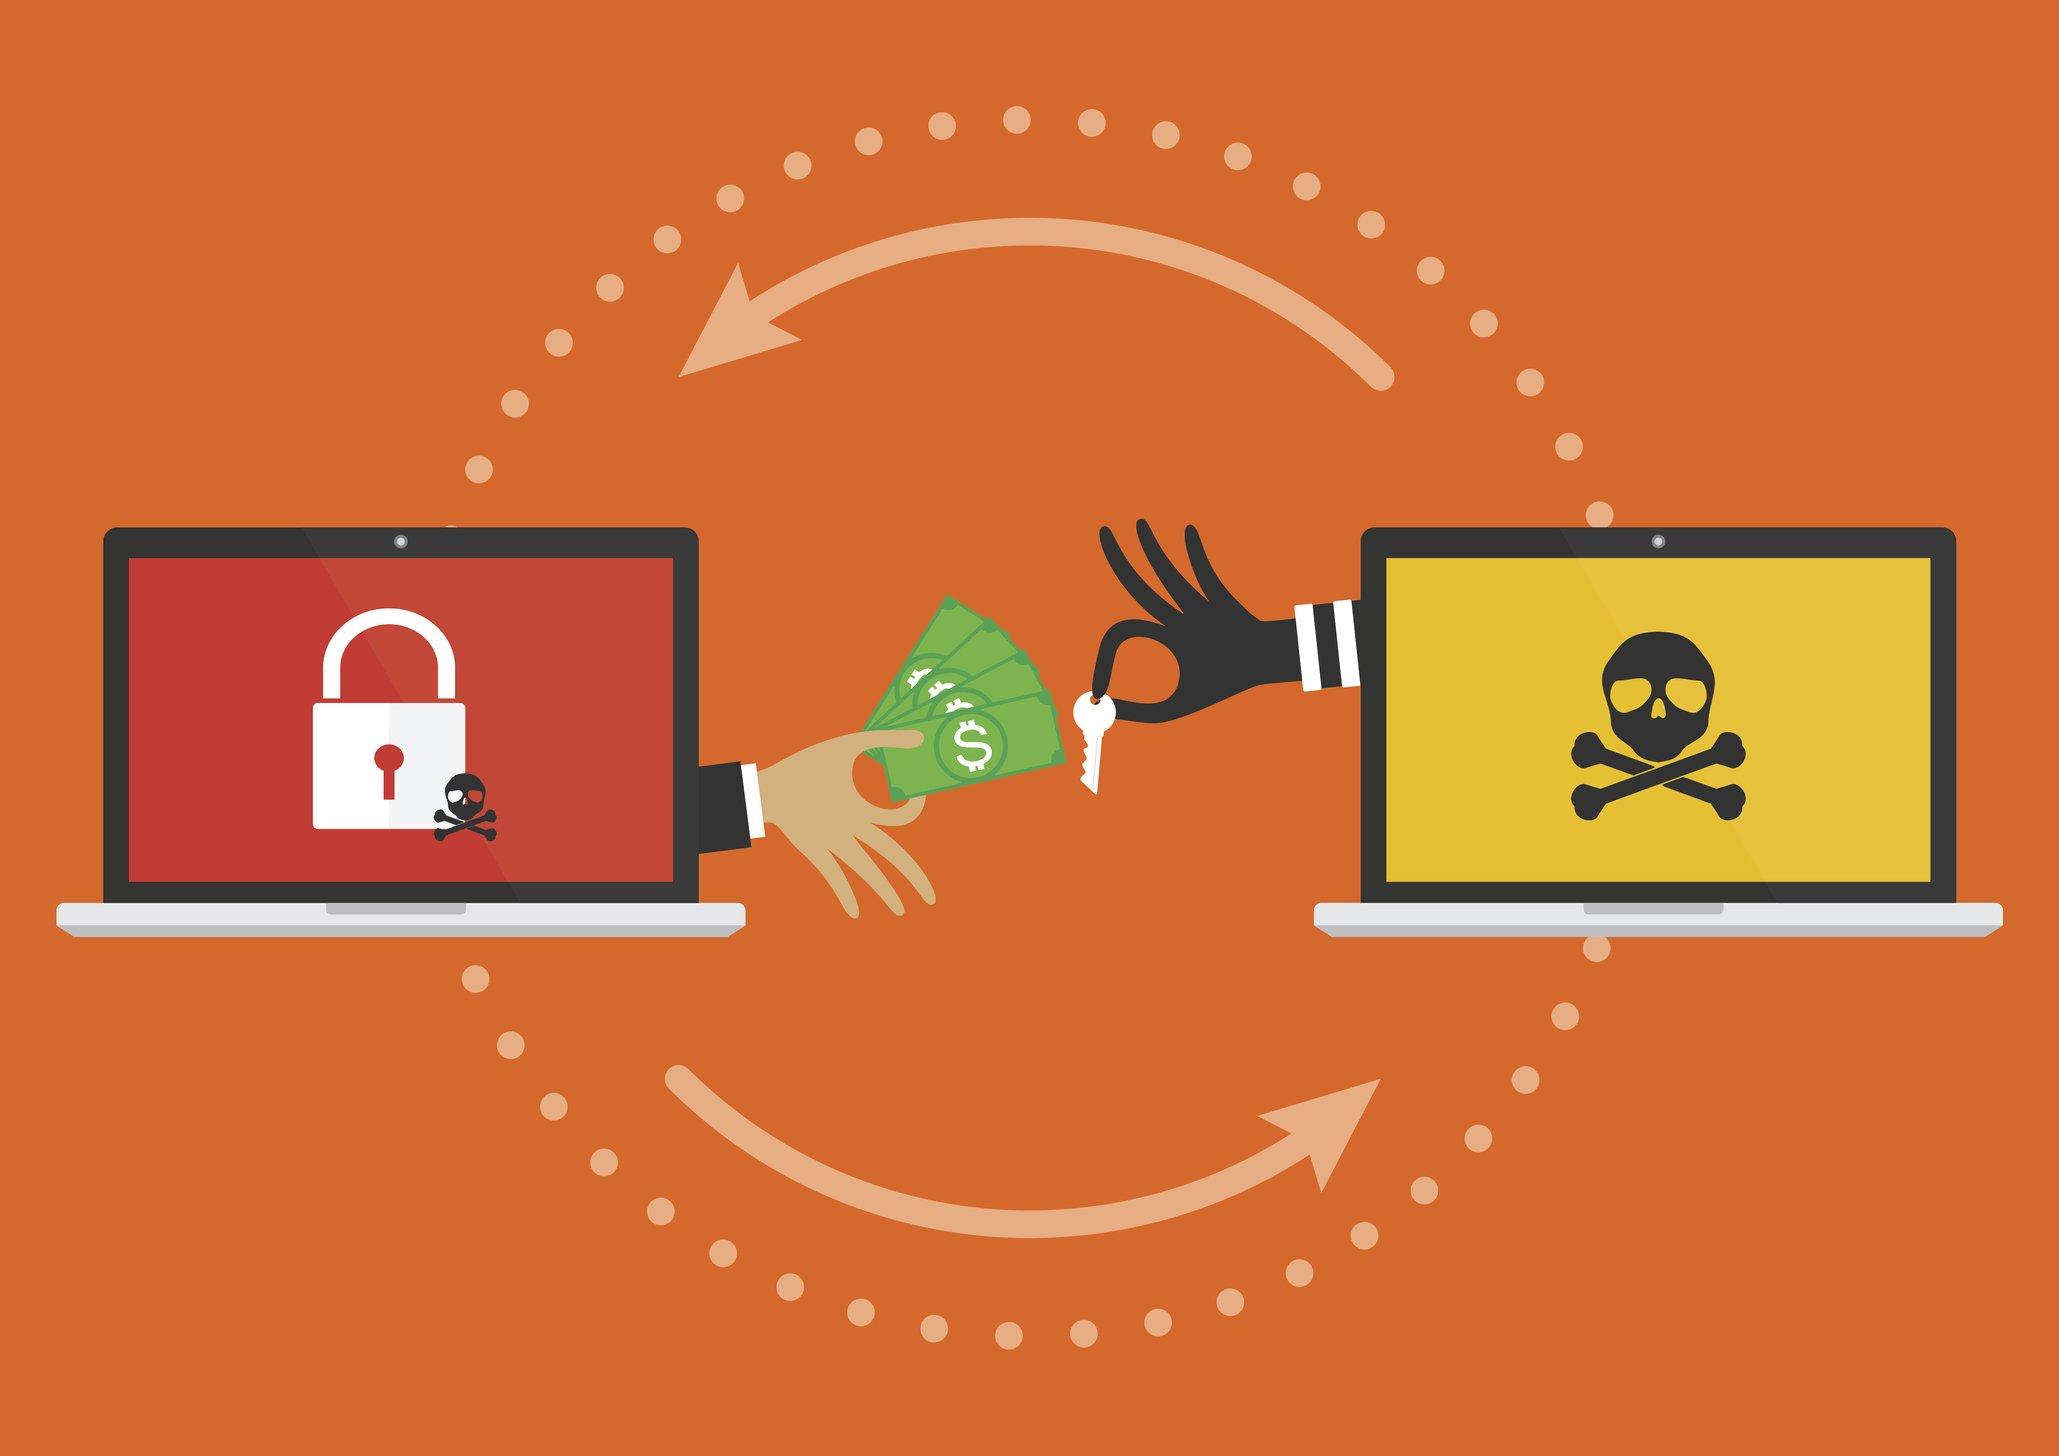 Gráfico que ilustra un ataque de cibersecuestro